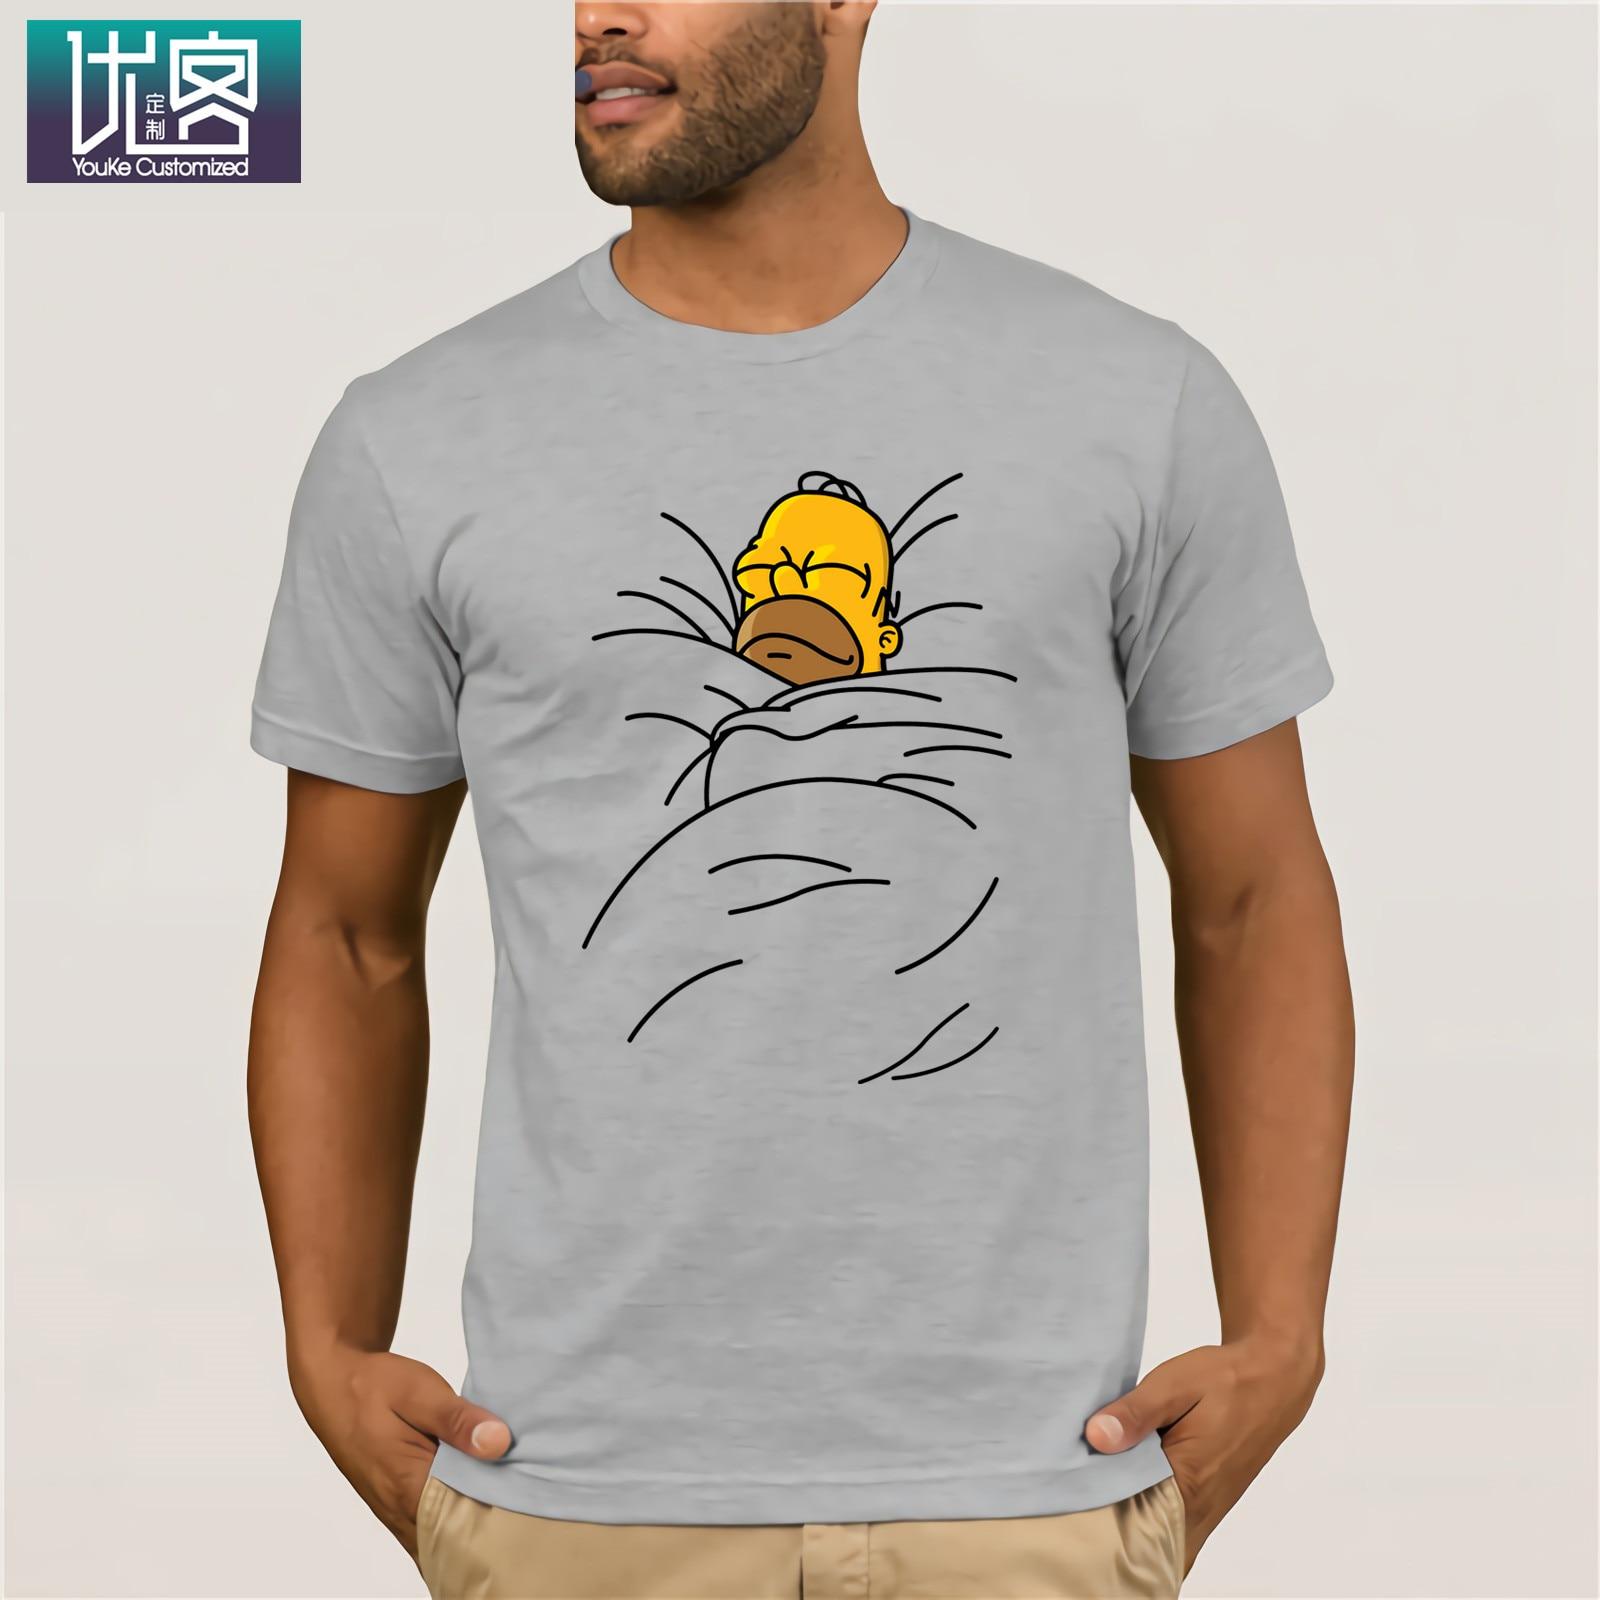 Toast cannelle chignon simpsons T-Shirt vêtements populaire T-Shirt col rond 100% coton t-shirts Humor T-Shirt 100% couverture en coton graphique